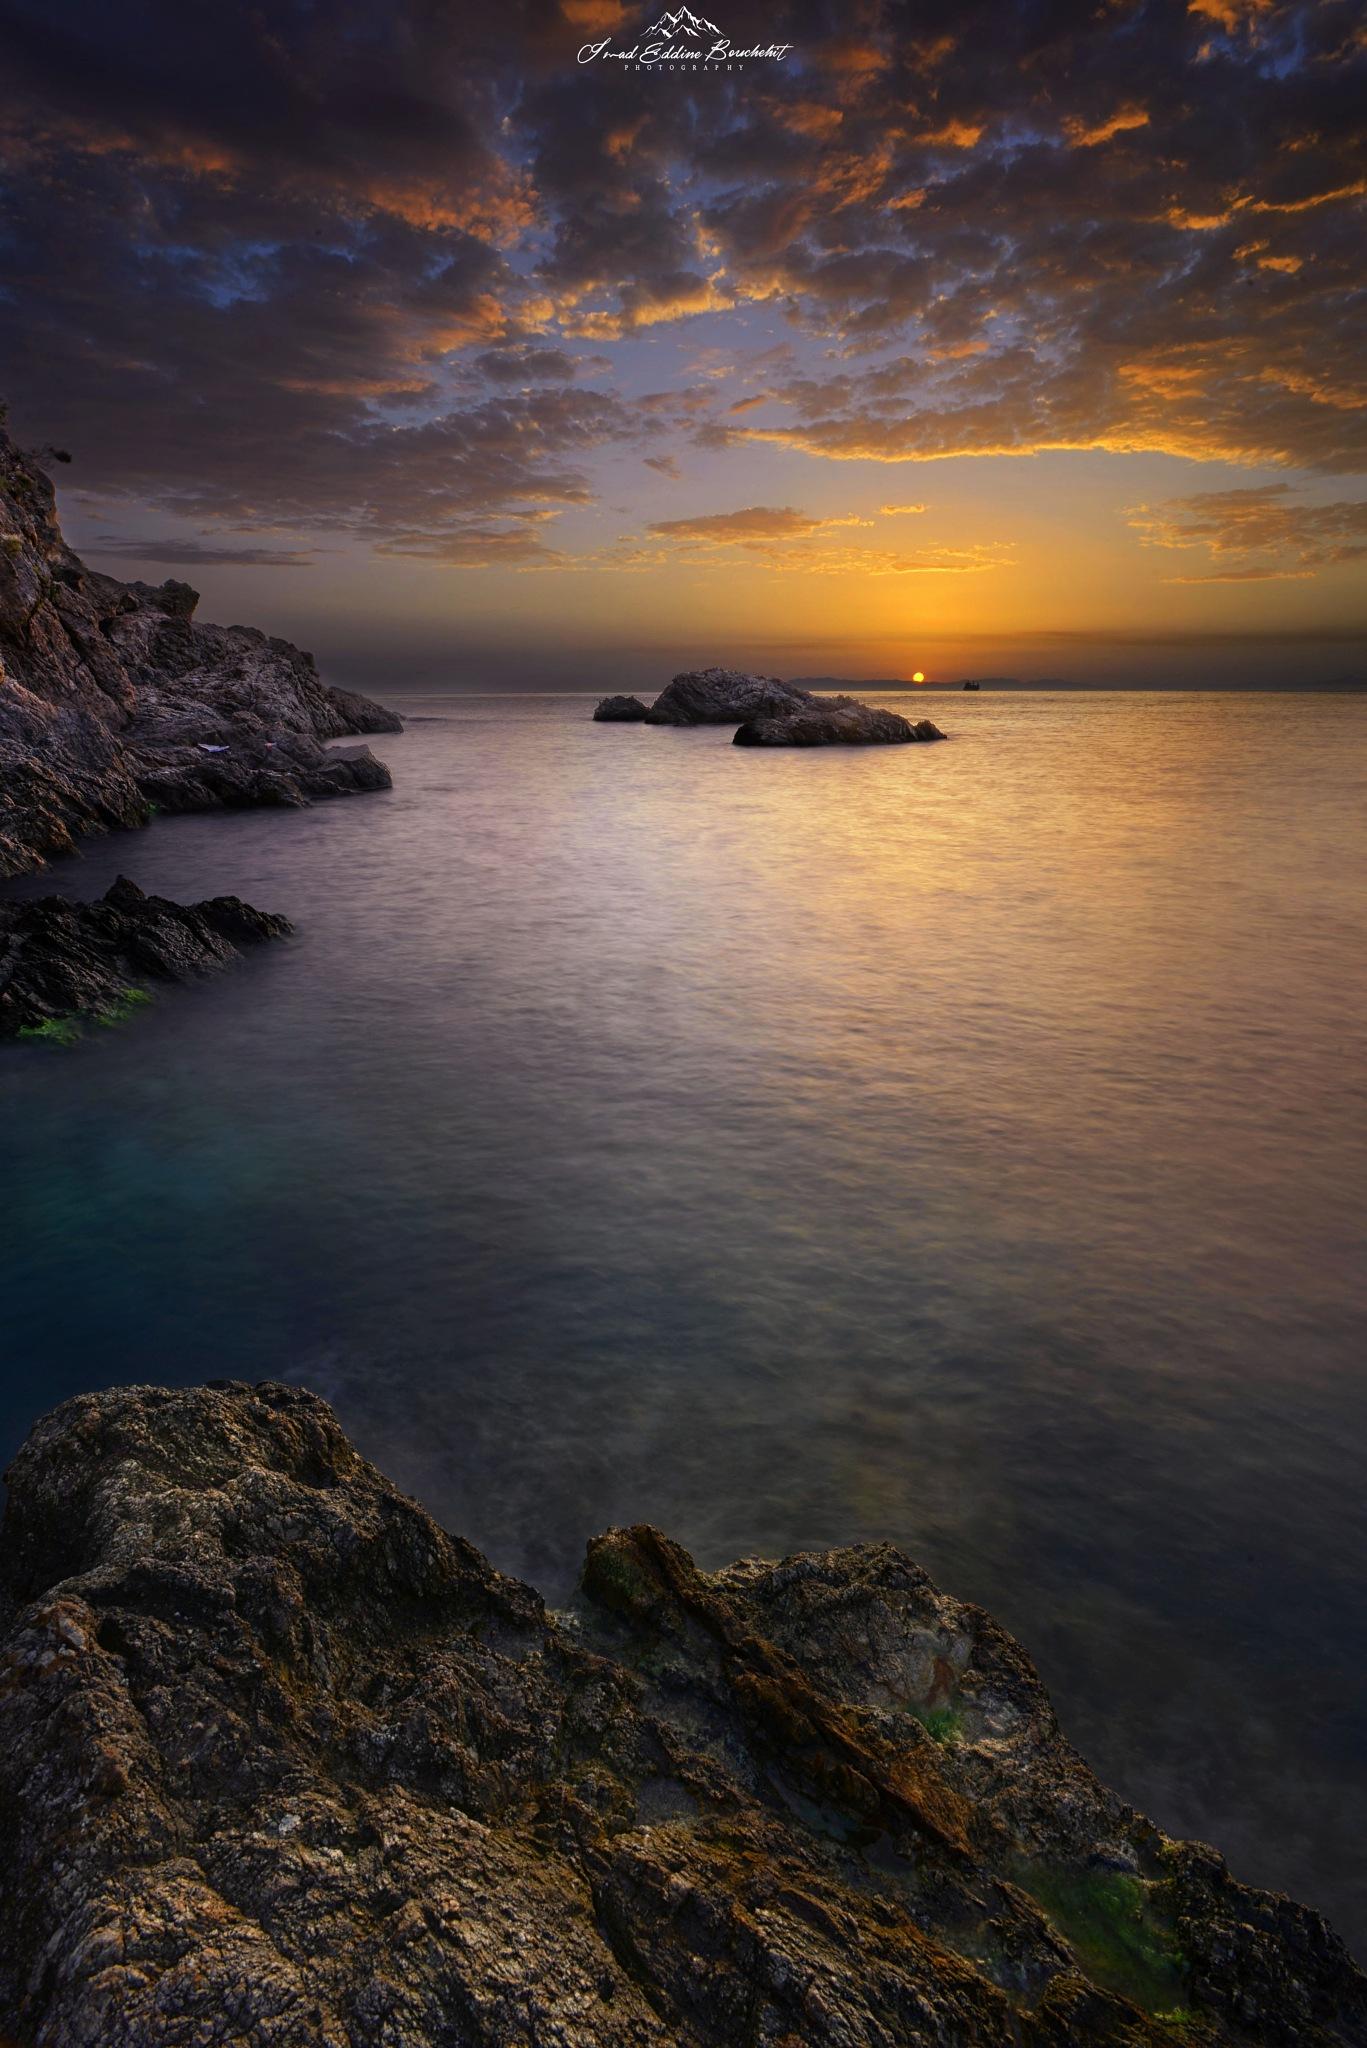 skikda la petite plage  by Imad Eddine